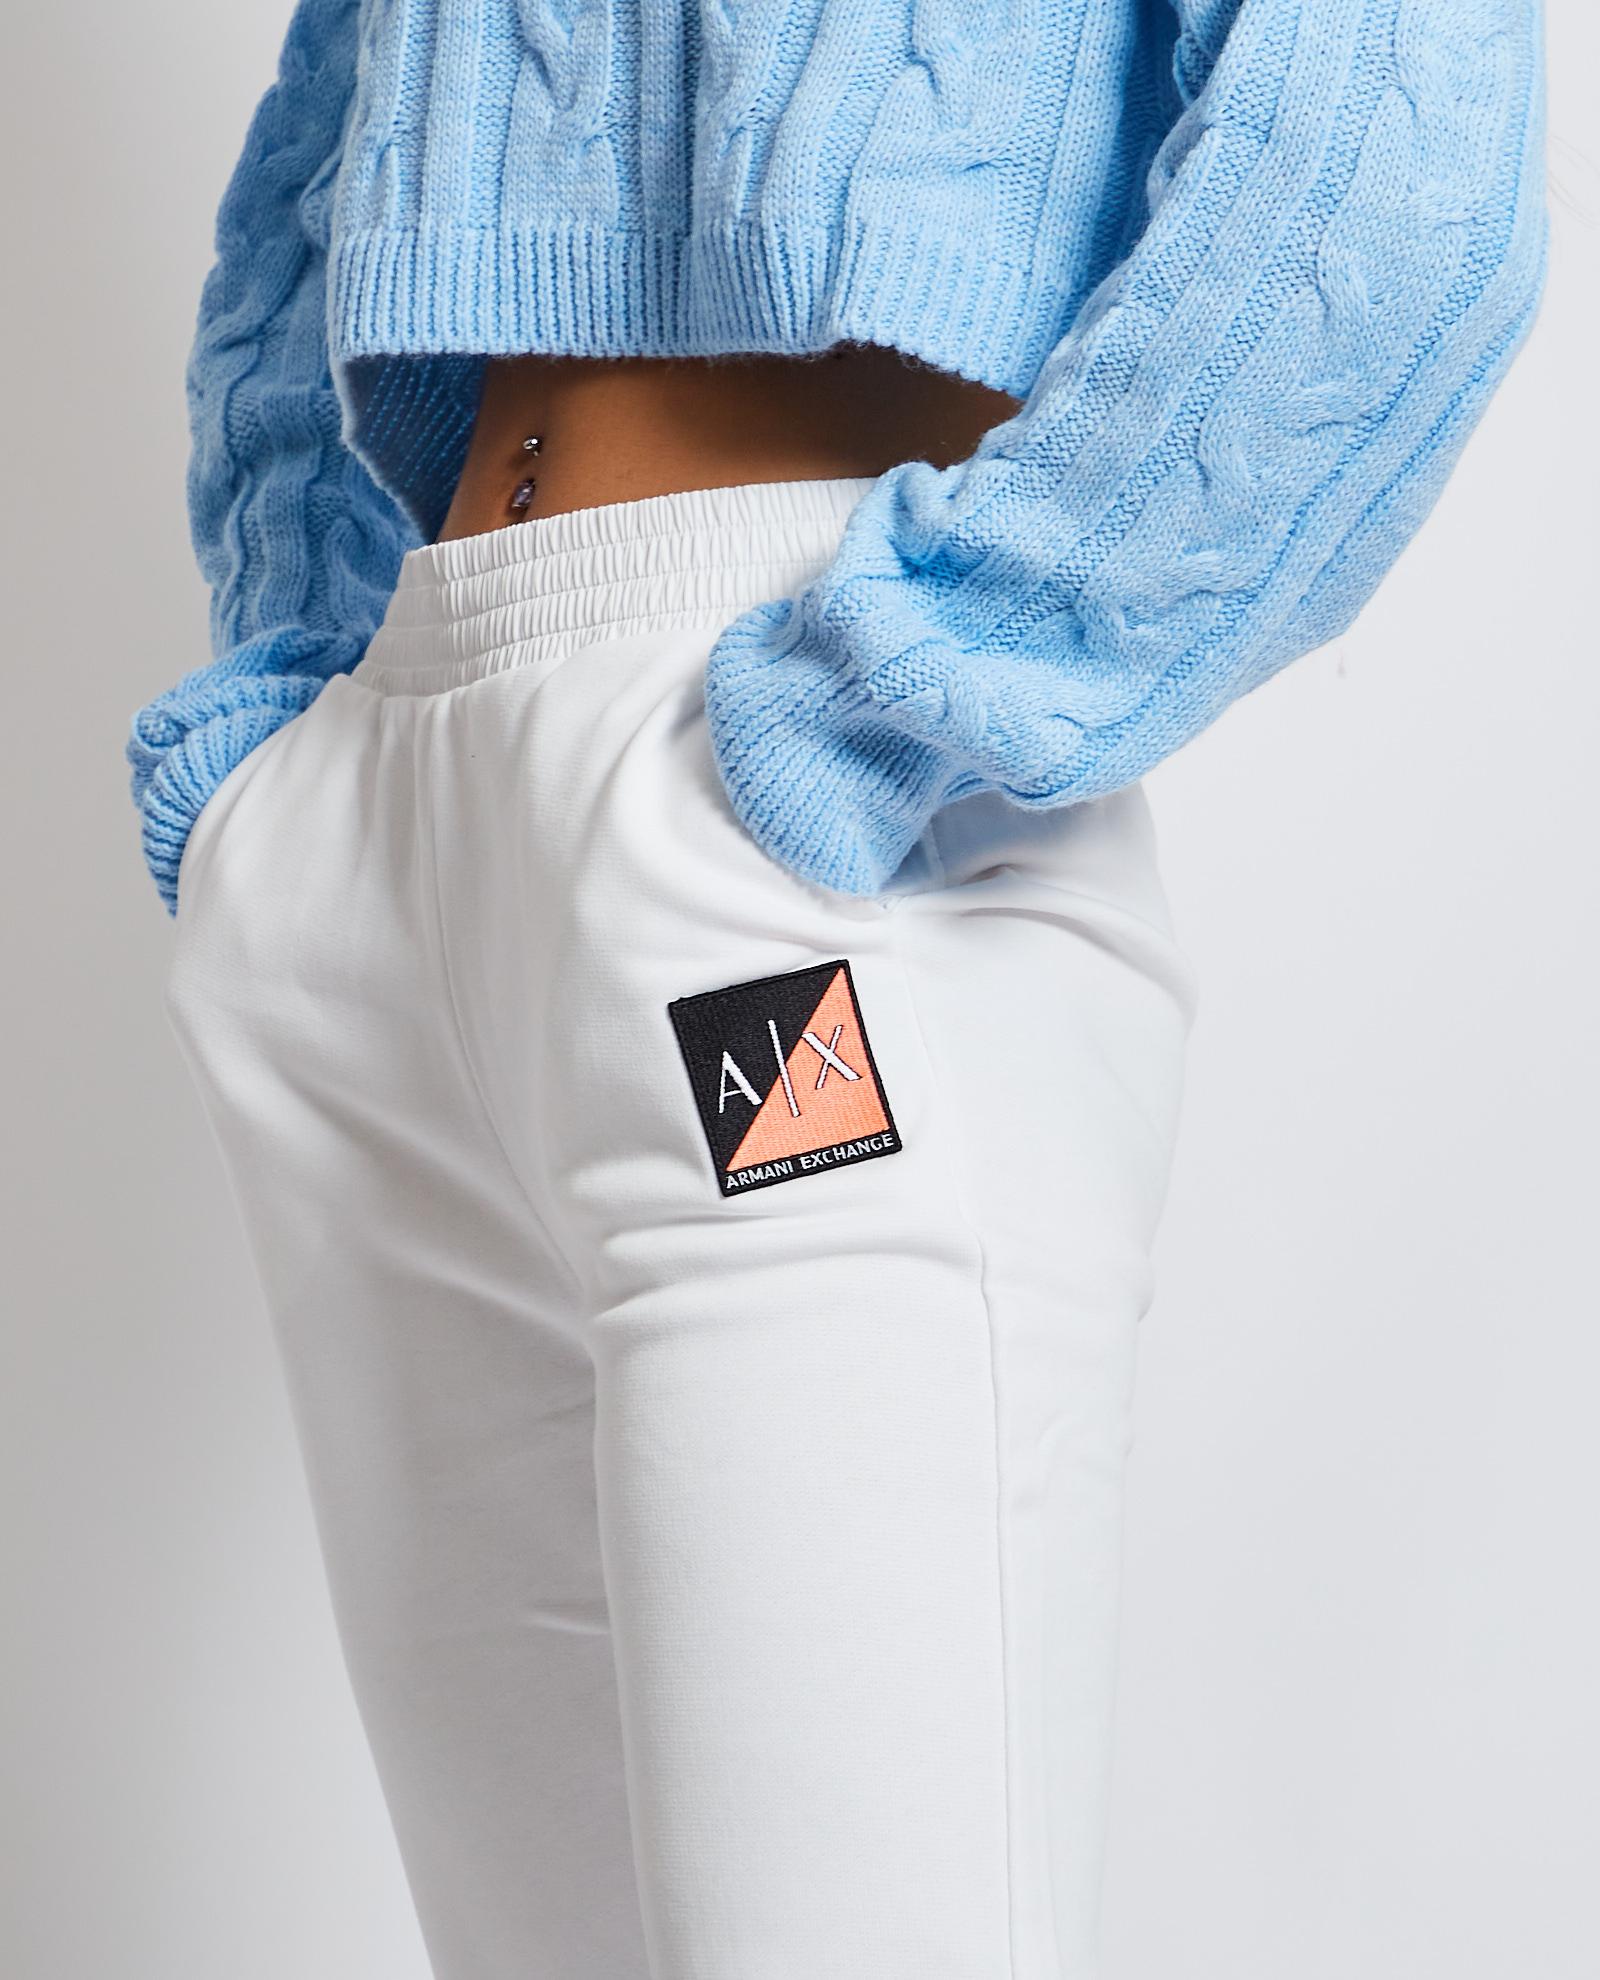 Pantalone Armani Exchange ARMANI EXCHANGE | Pantalone | 6KYP75-YJ5TZ1100